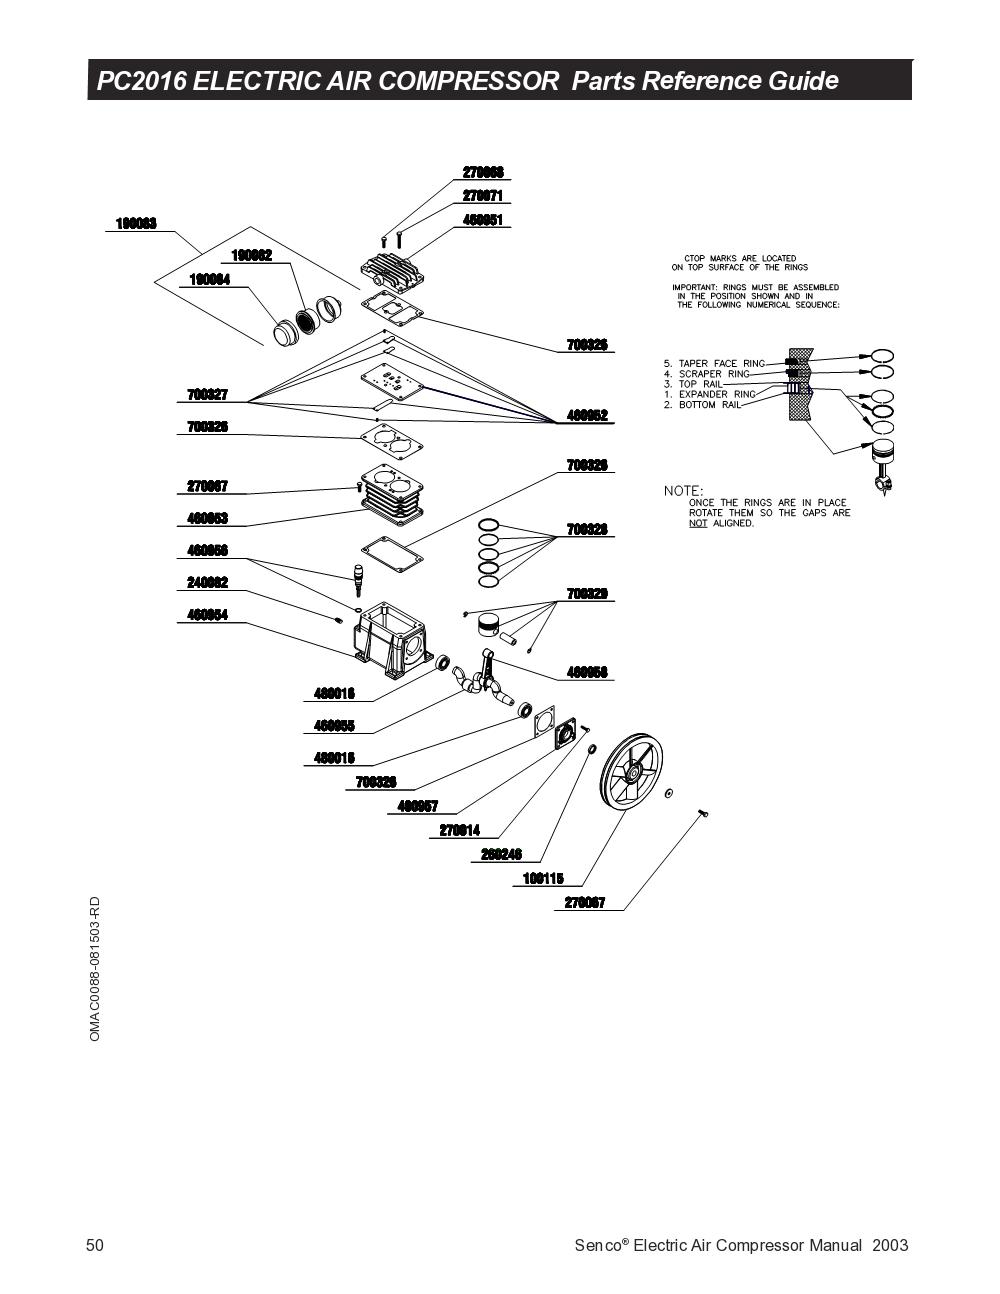 PC2016-senco-PB-2Break Down